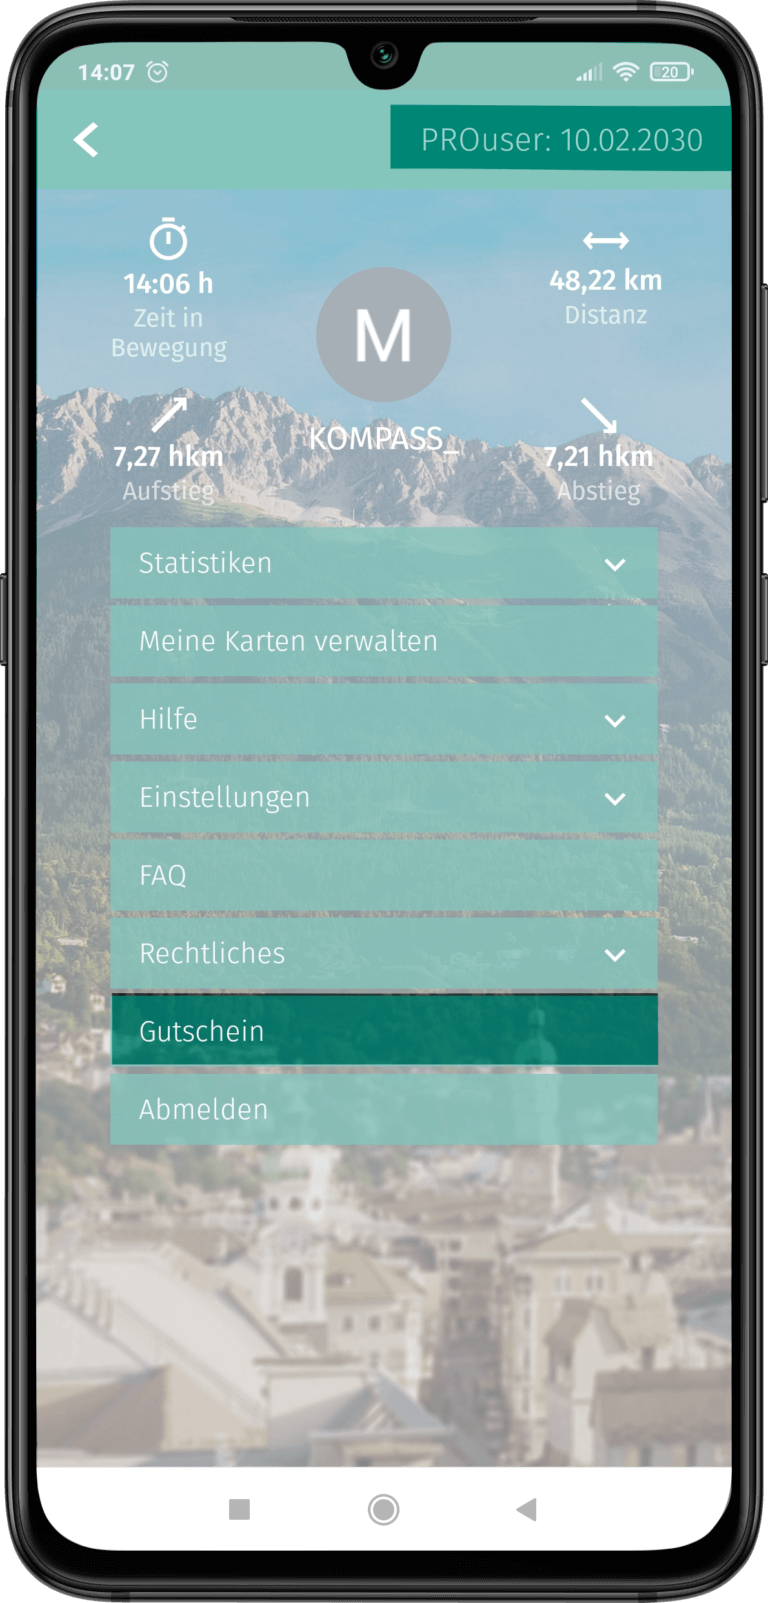 App Screenshot - Gutschein einlösen in der App - Button hervorgehoben